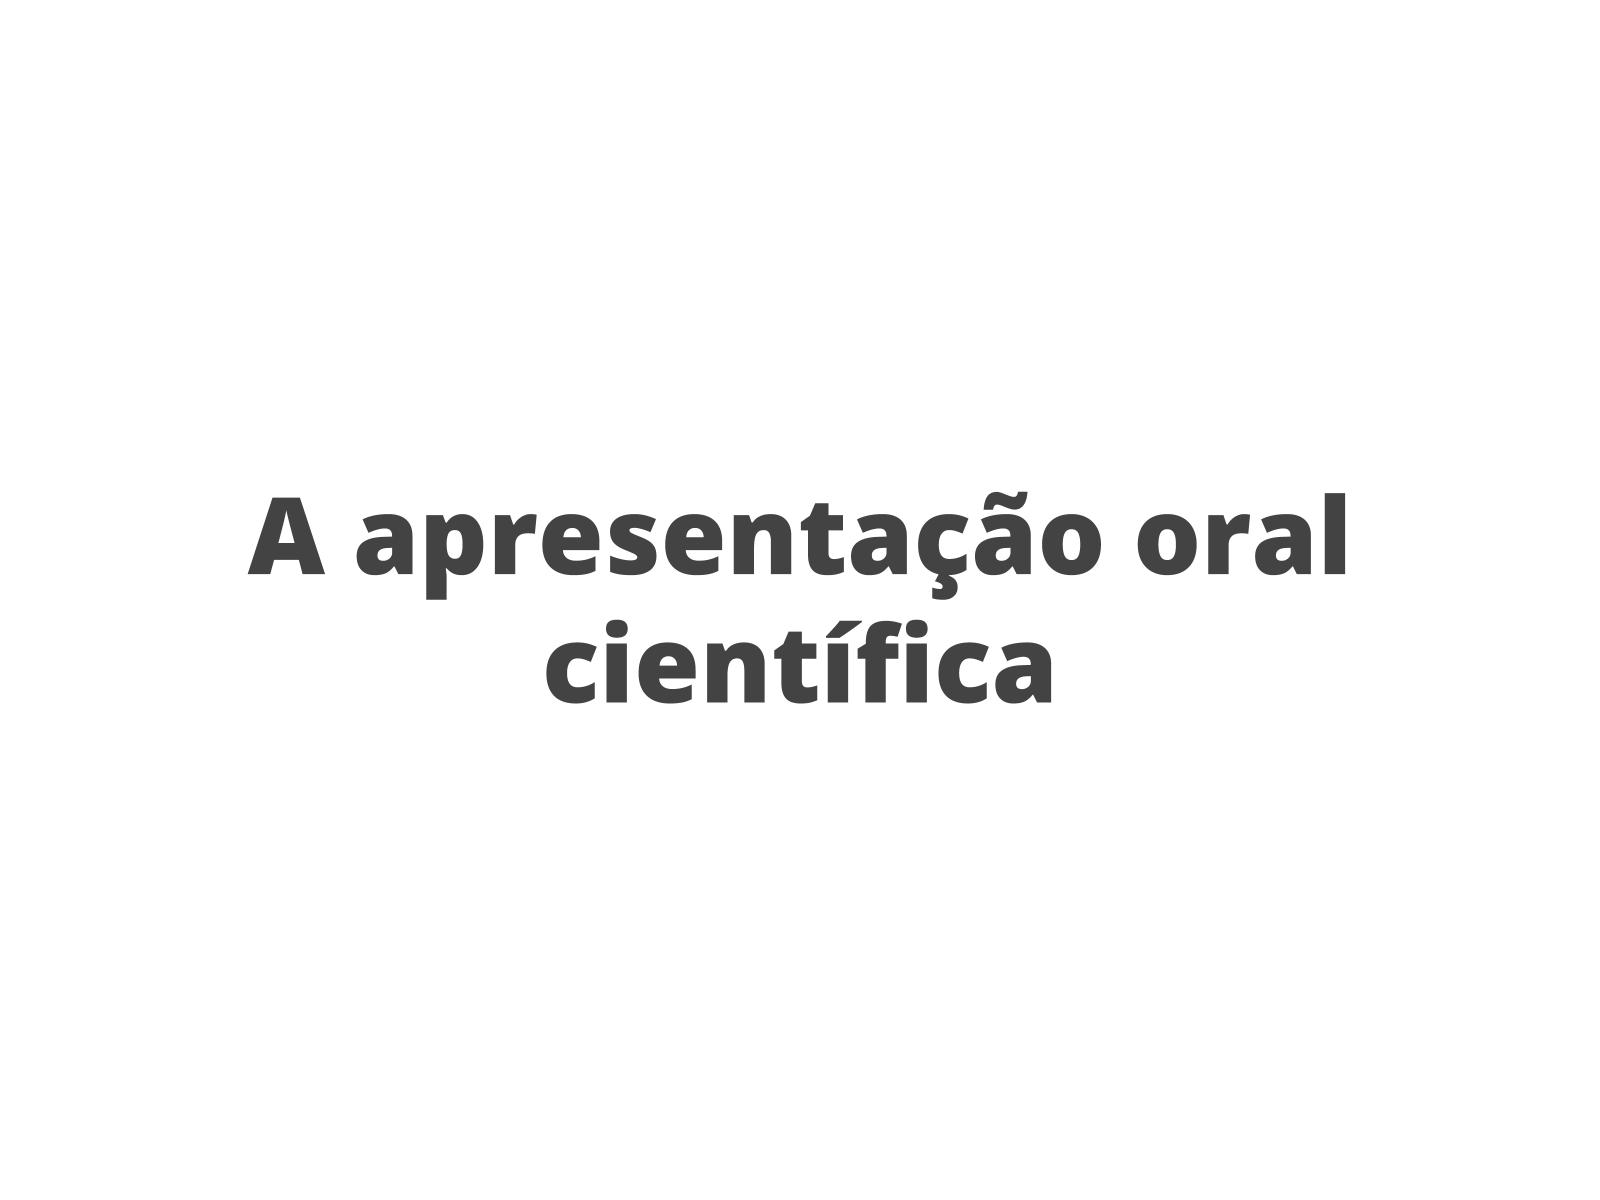 A apresentação oral científica